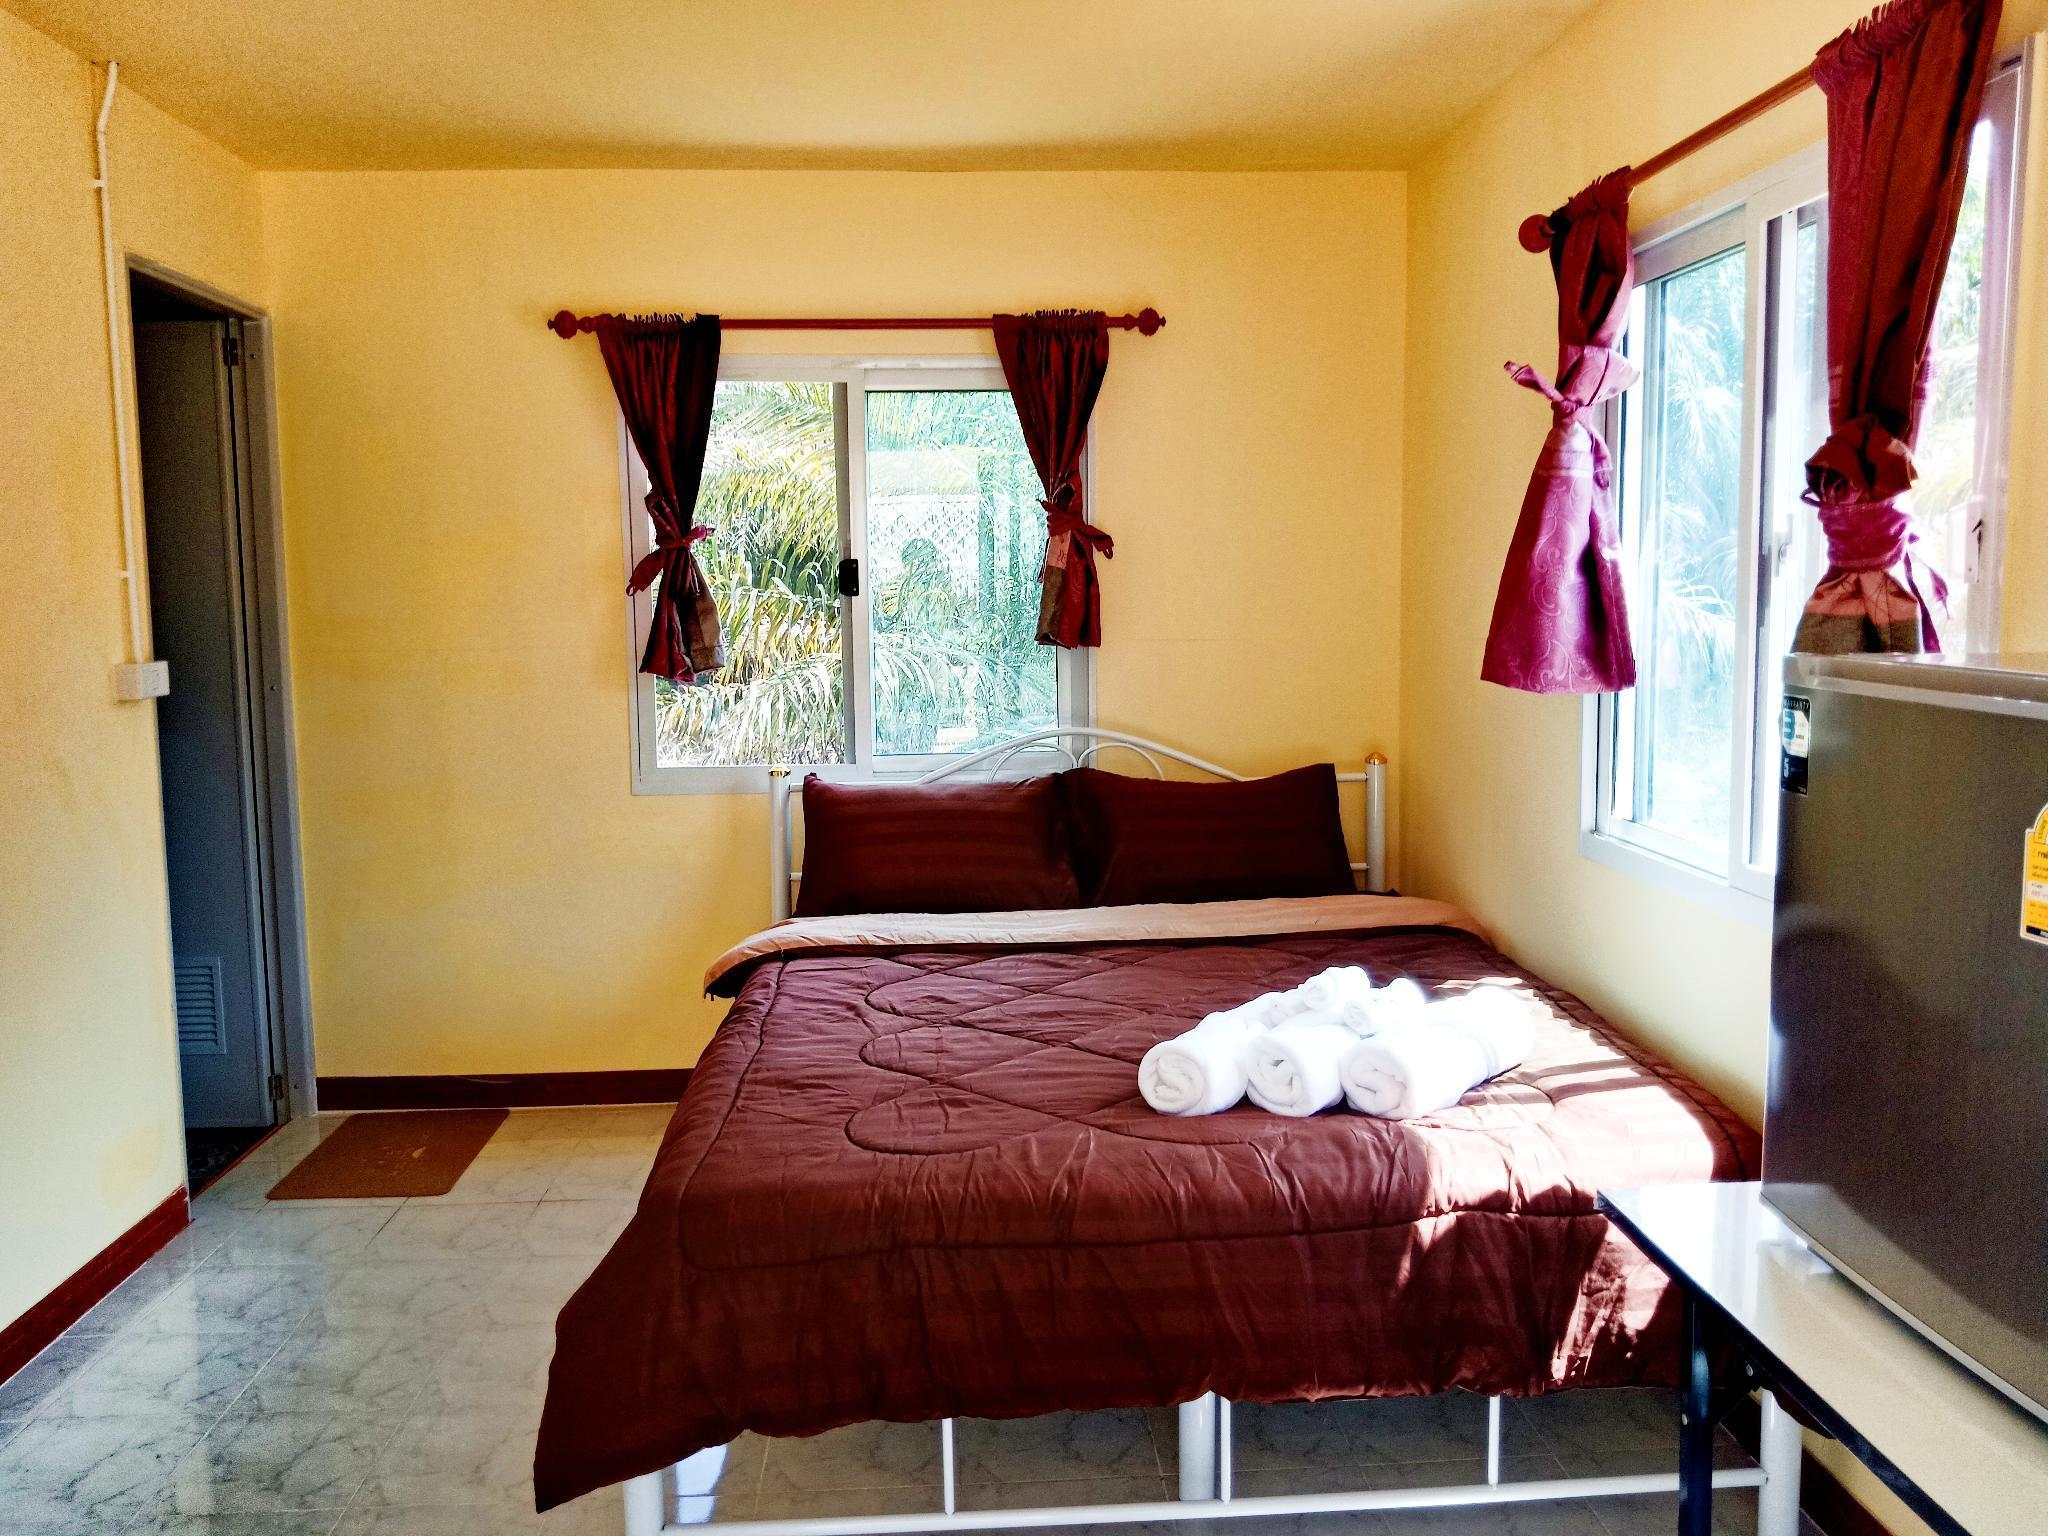 Win Gray Homestay Villa - Pink วิลลา 1 ห้องนอน 1 ห้องน้ำส่วนตัว ขนาด 20 ตร.ม. – ปะทิว